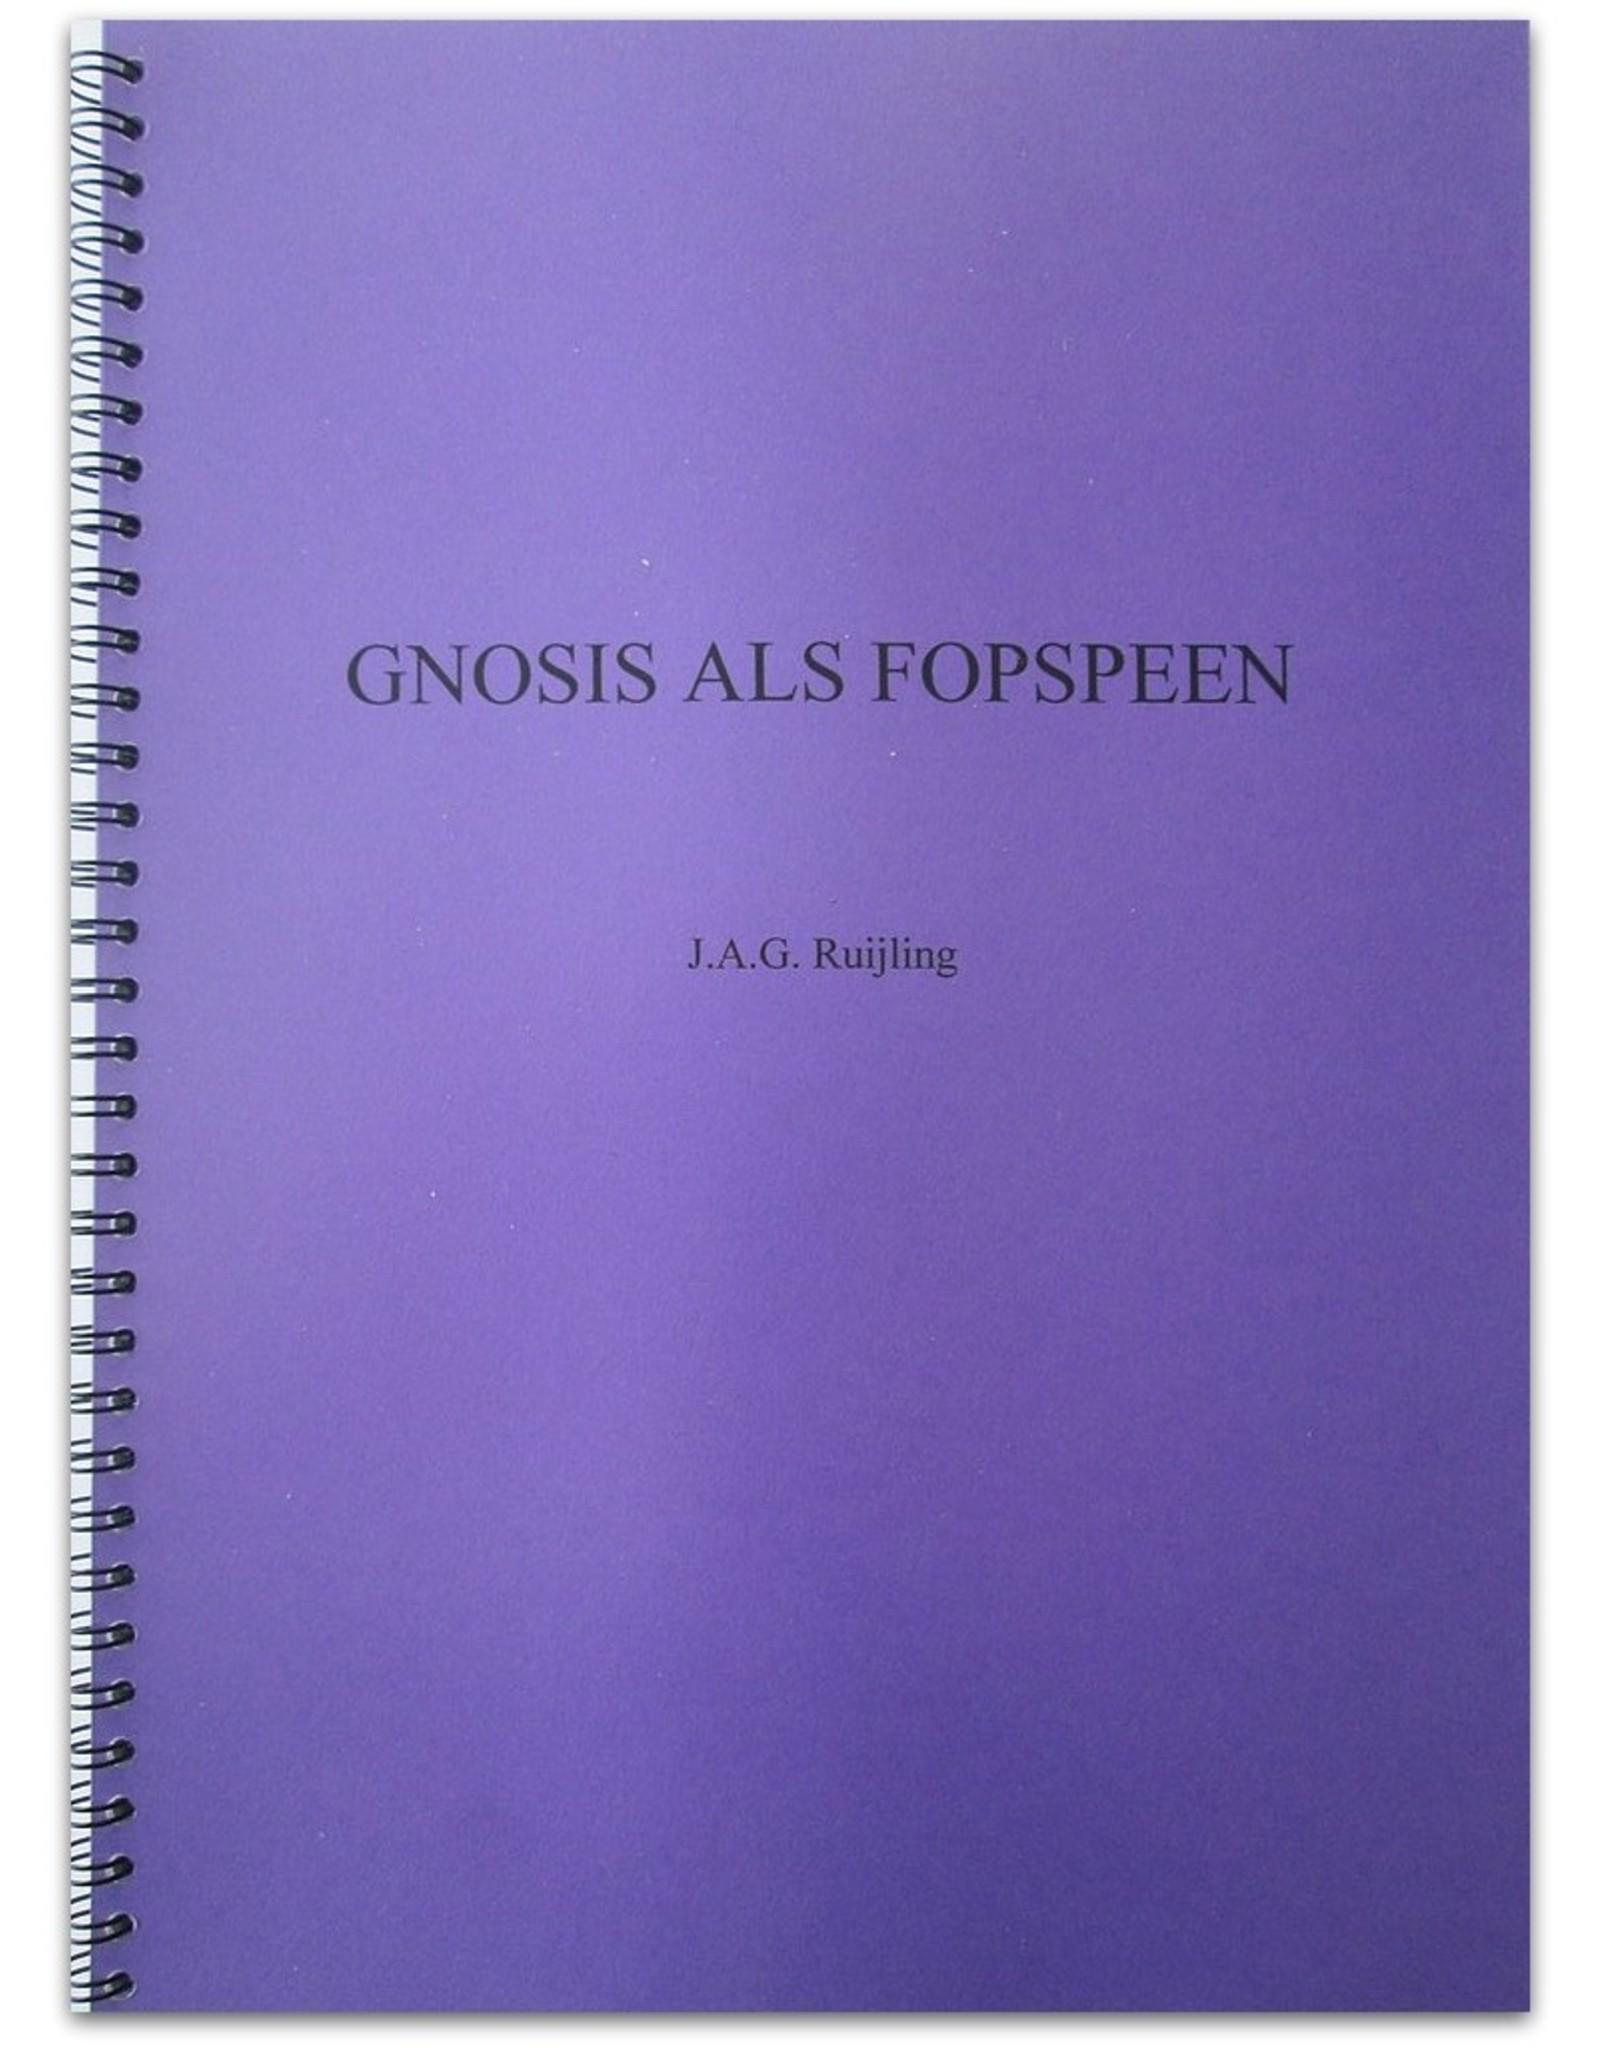 J.A.G. Ruijling - Gnosis als fopspeen